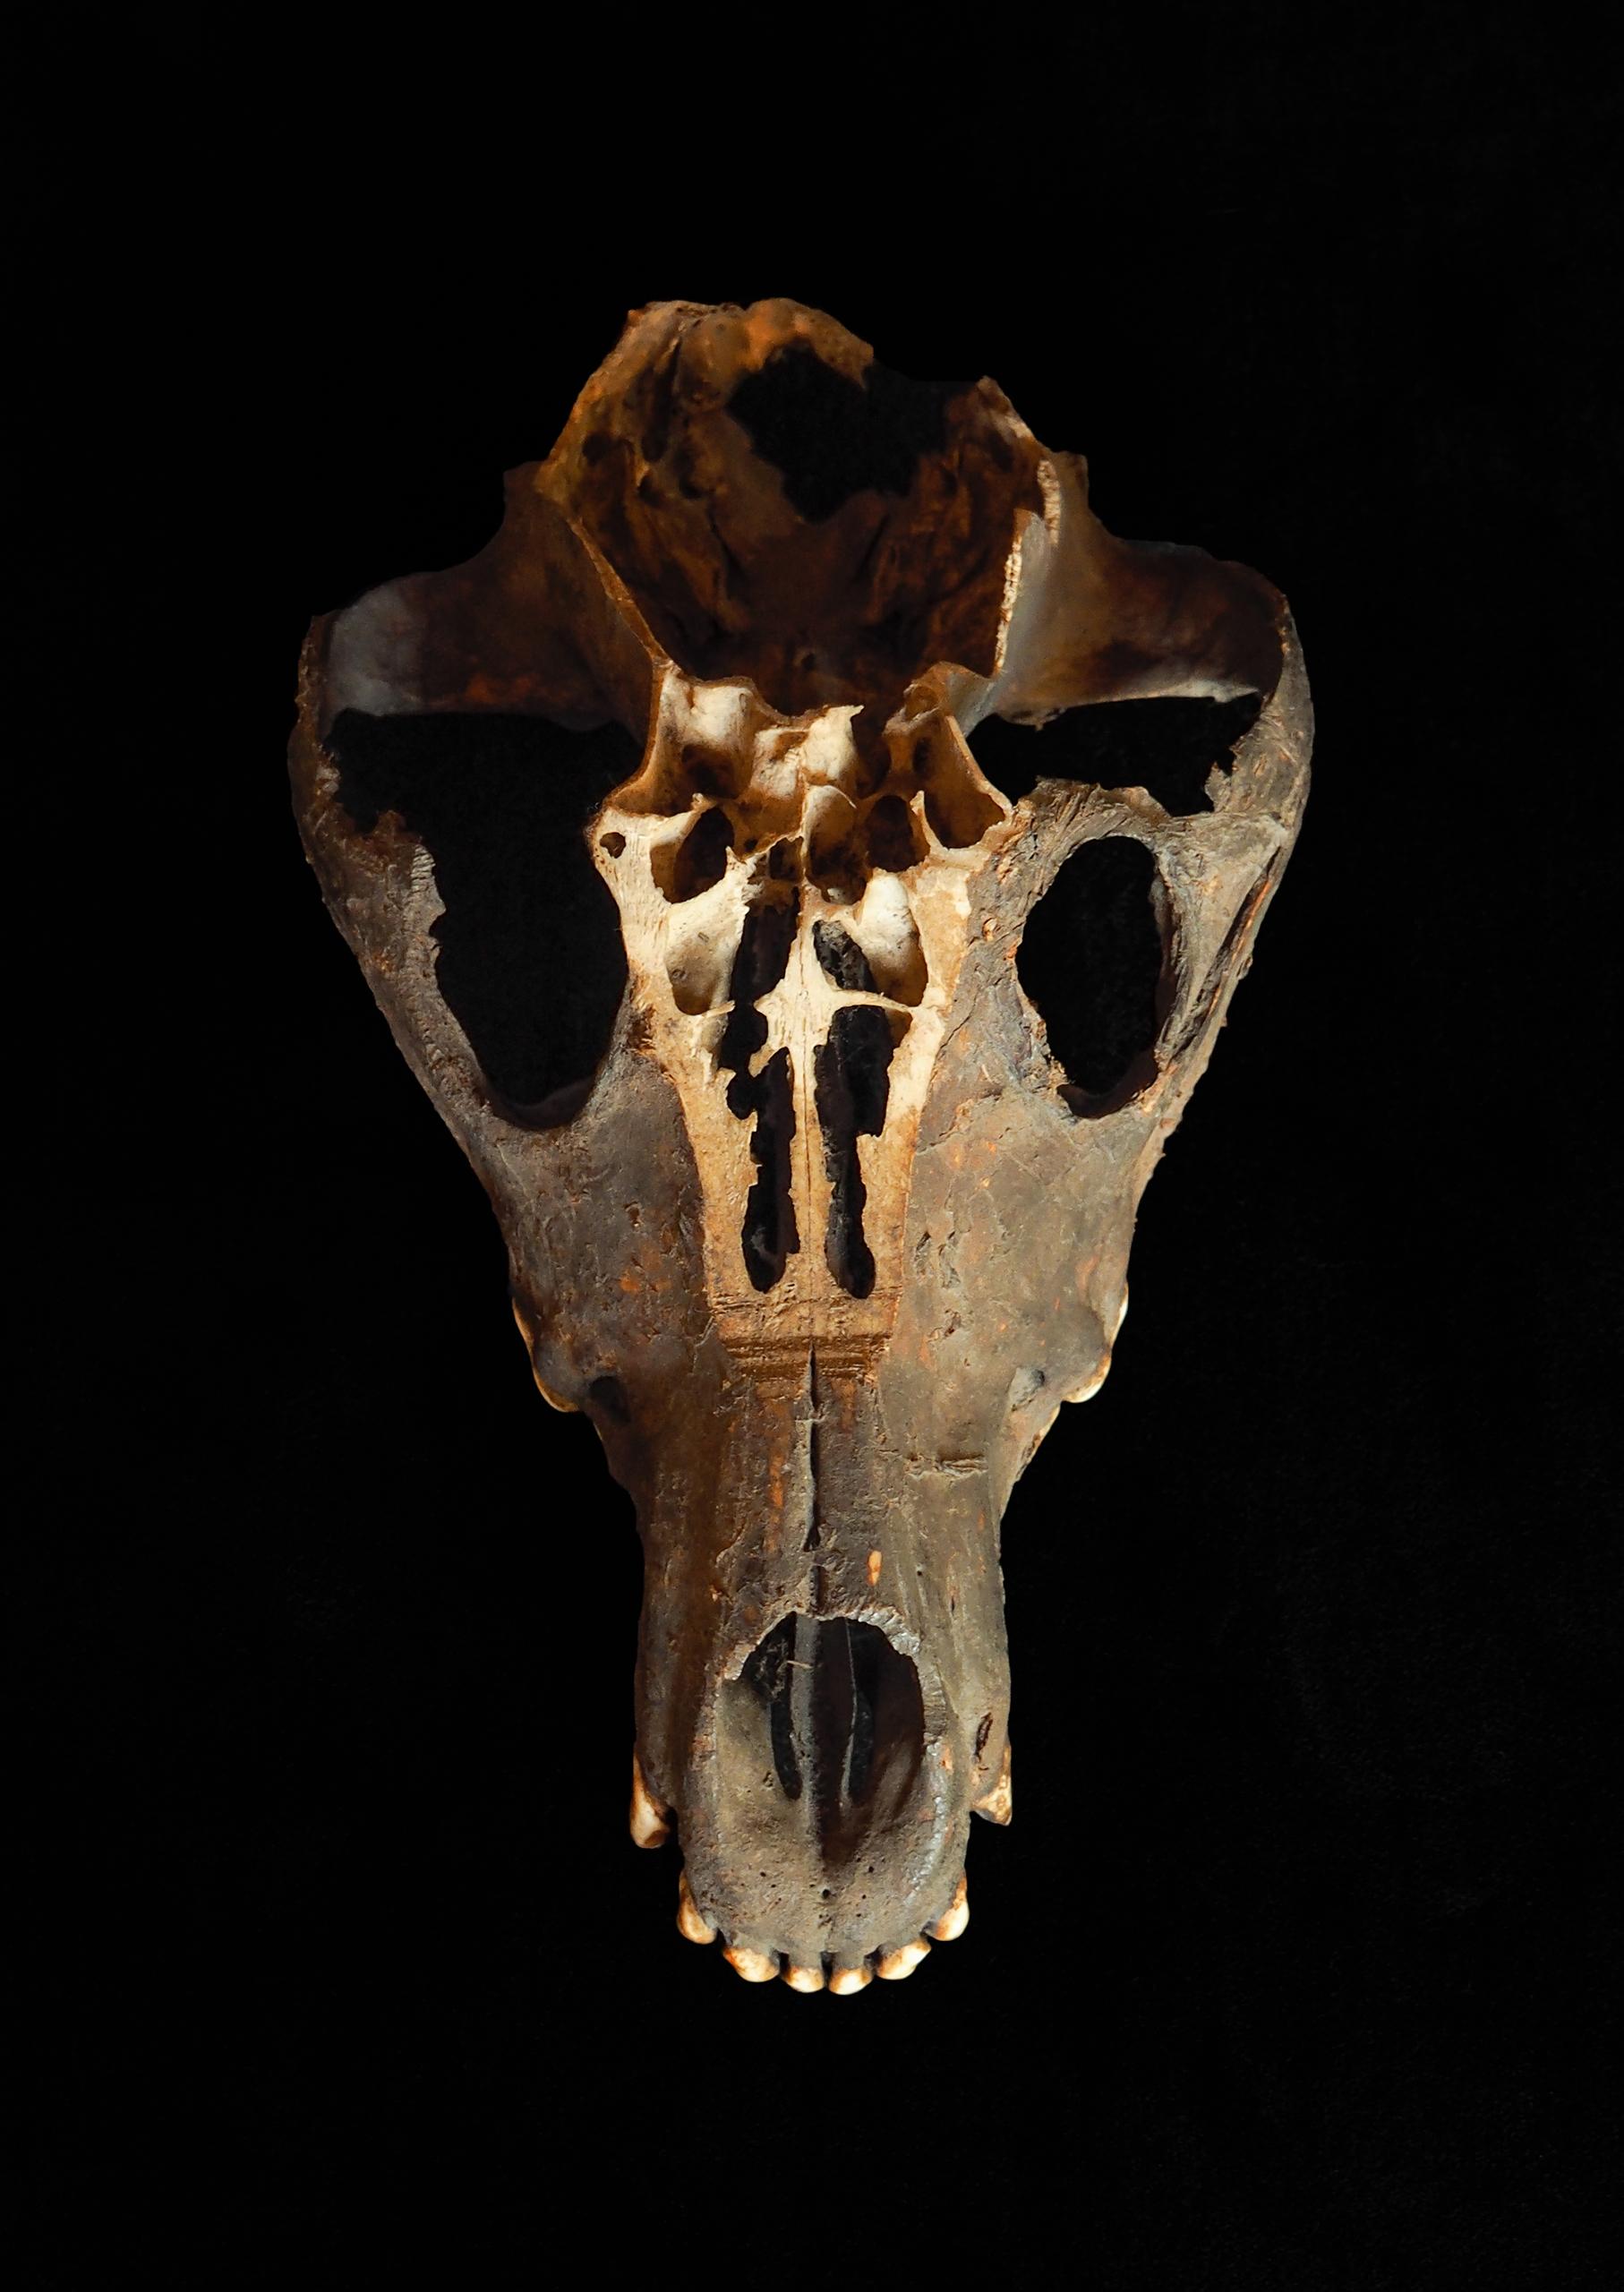 魔除けに使われた狼の頭骨